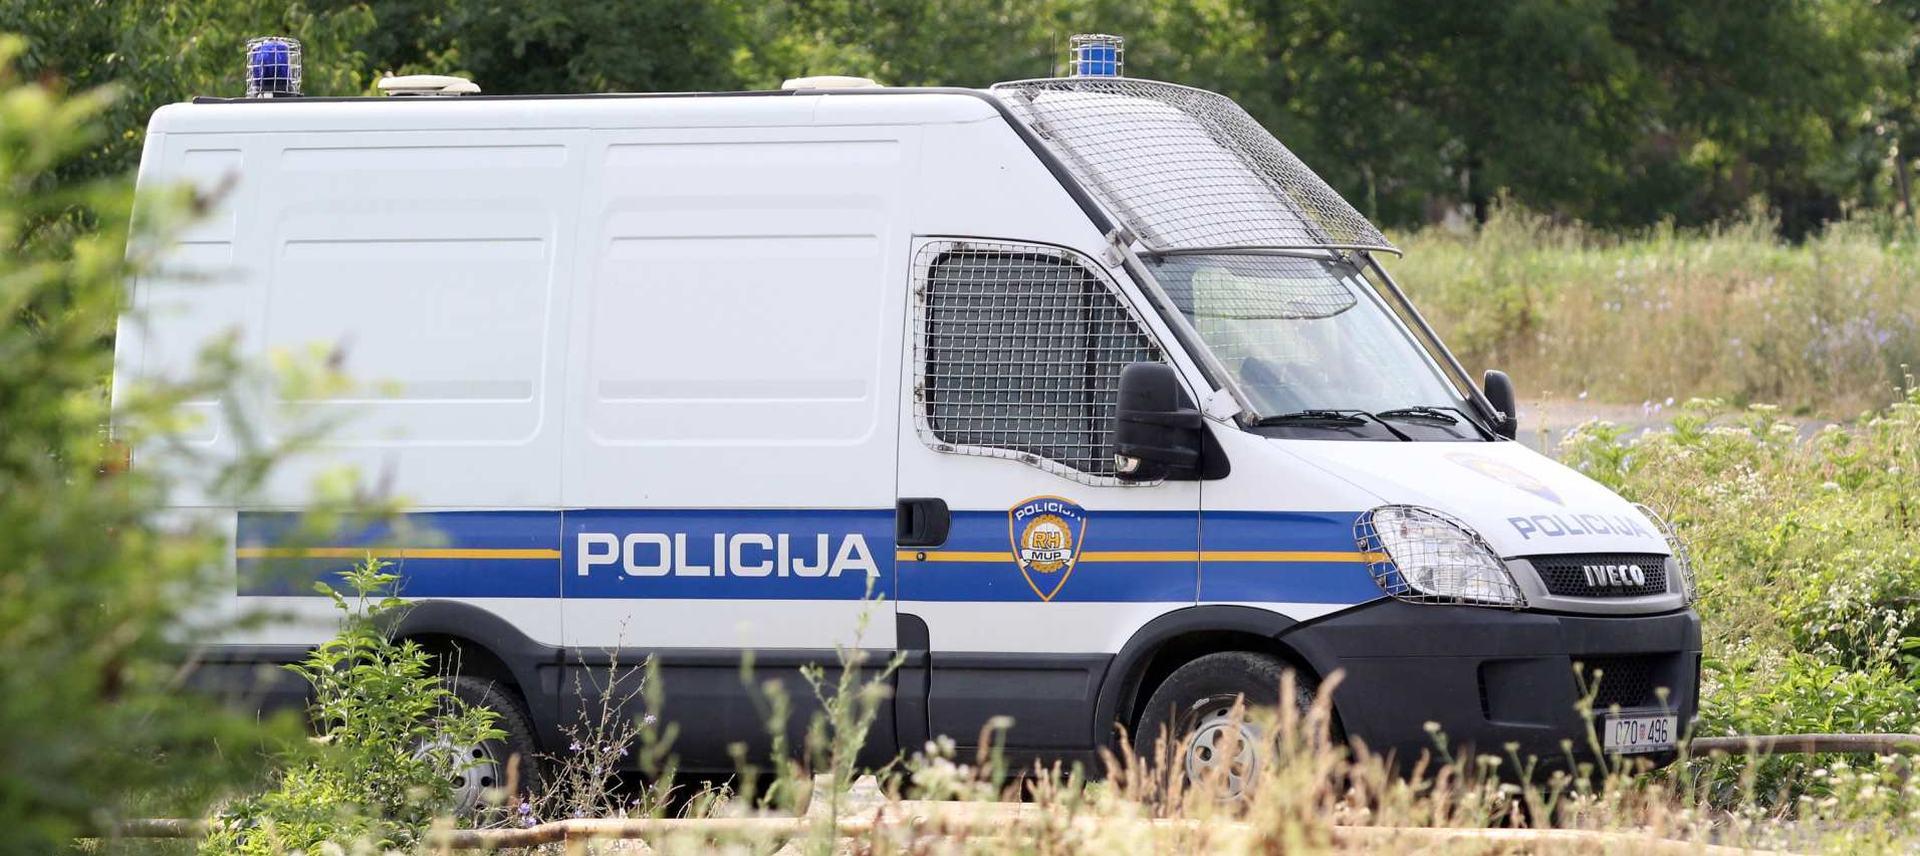 POTVRDA POLICIJE Žena pronađena u jezeru je Ivana Fogadić